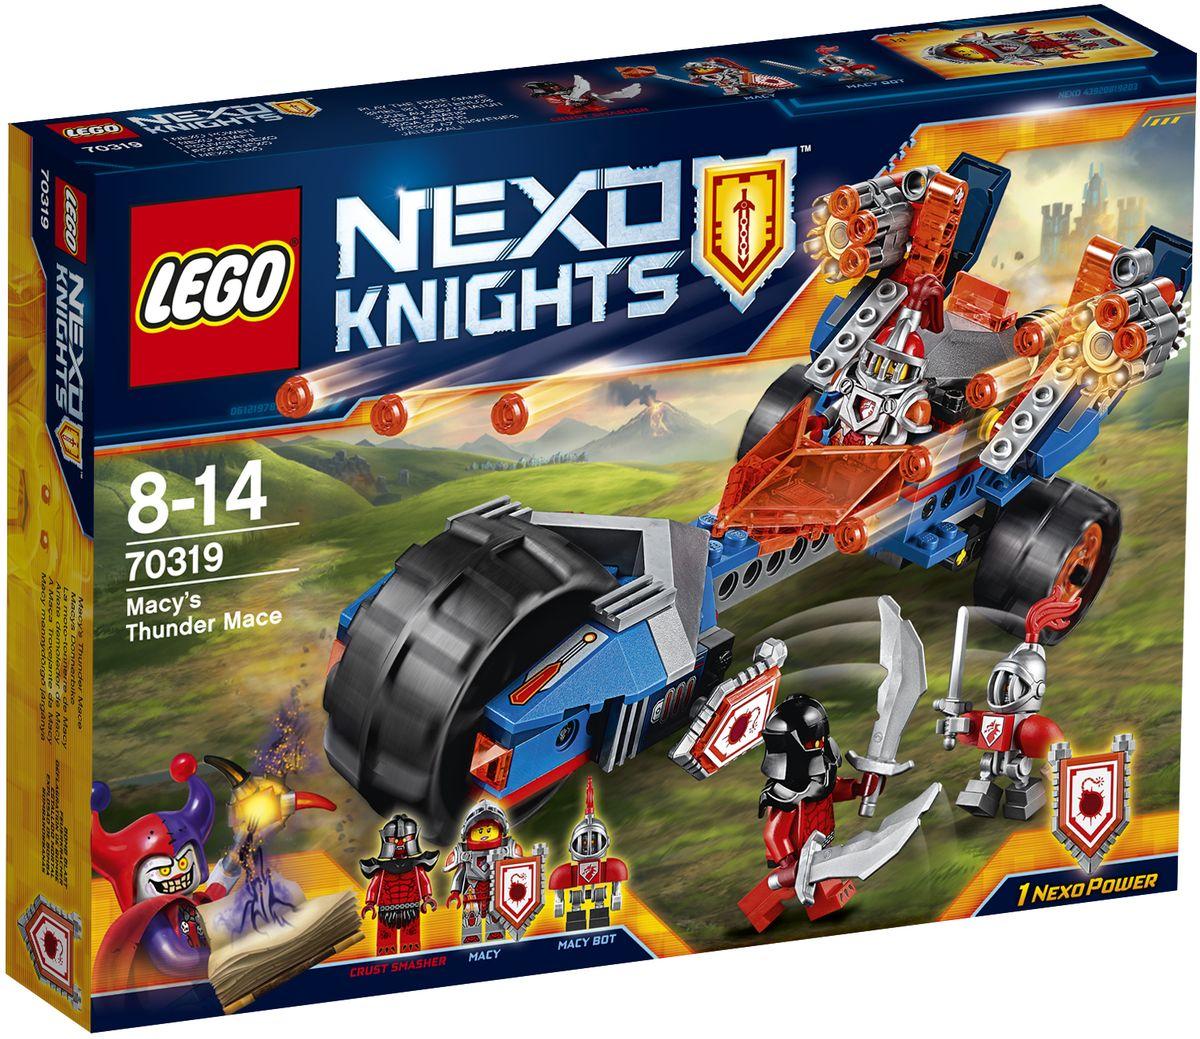 LEGO NEXO KNIGHTS Конструктор Молниеносная машина Мэйси 70319 lego nexo knights мэйси – абсолютная сила 70331